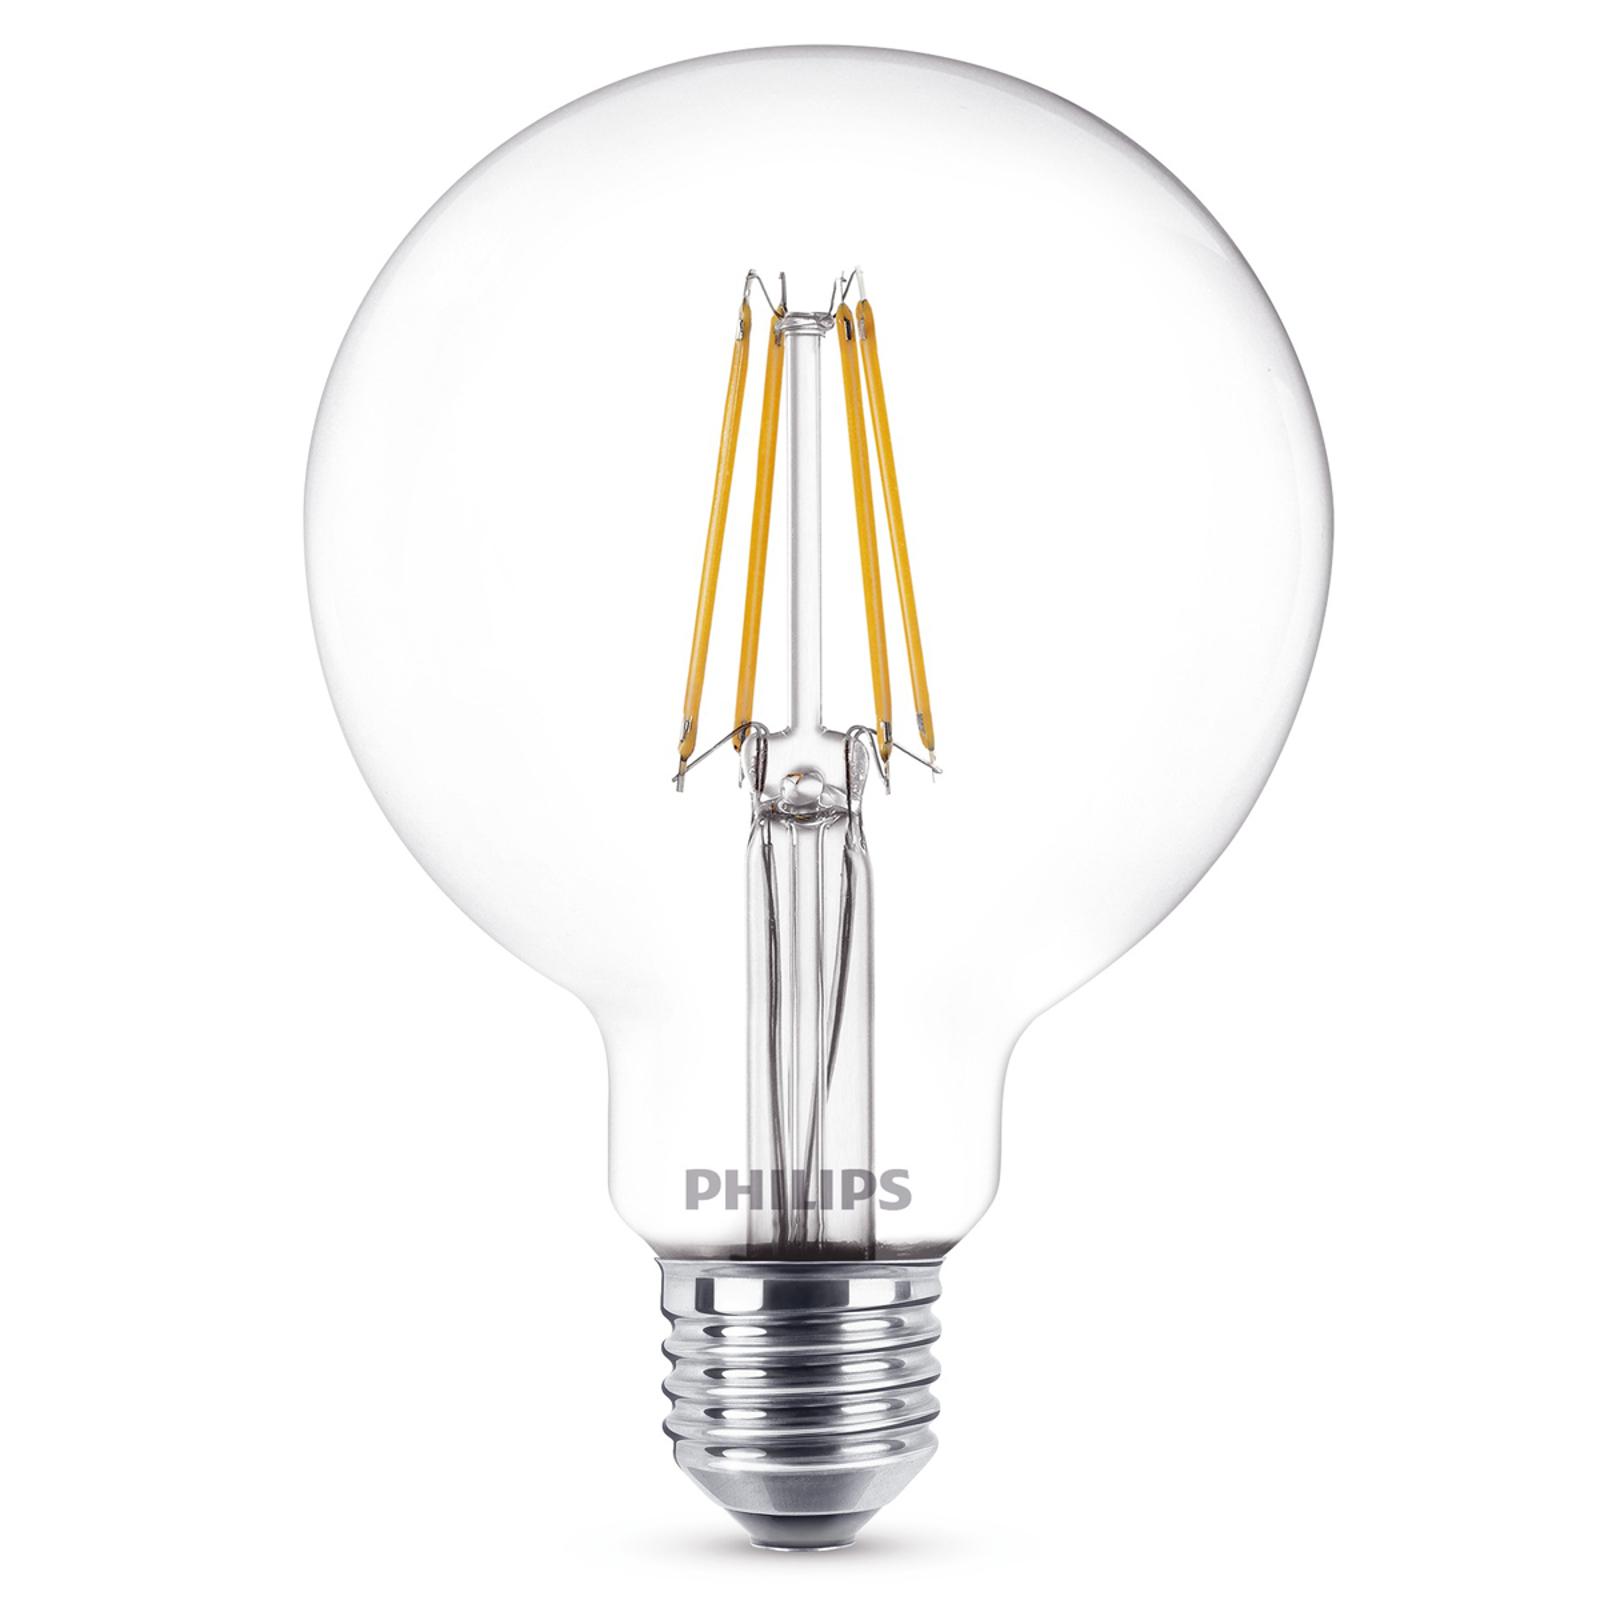 Przezroczysta kulka LED E27, 7 W, 827, G95